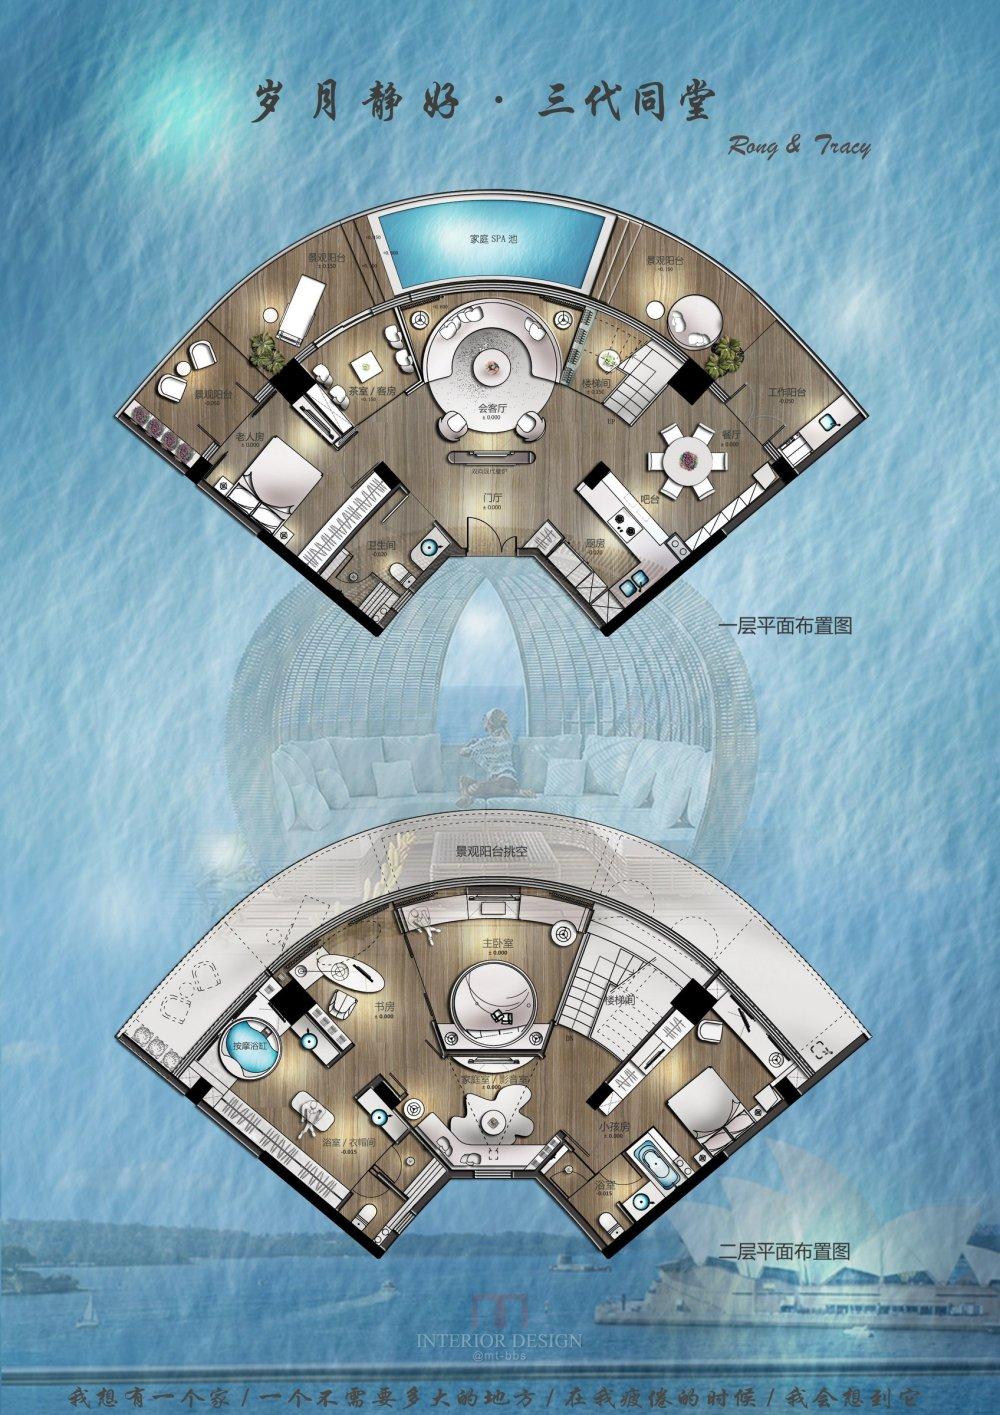 【第14期-住宅平面优化】一个跃层海景房11个方案 投票奖励DB_03.jpg